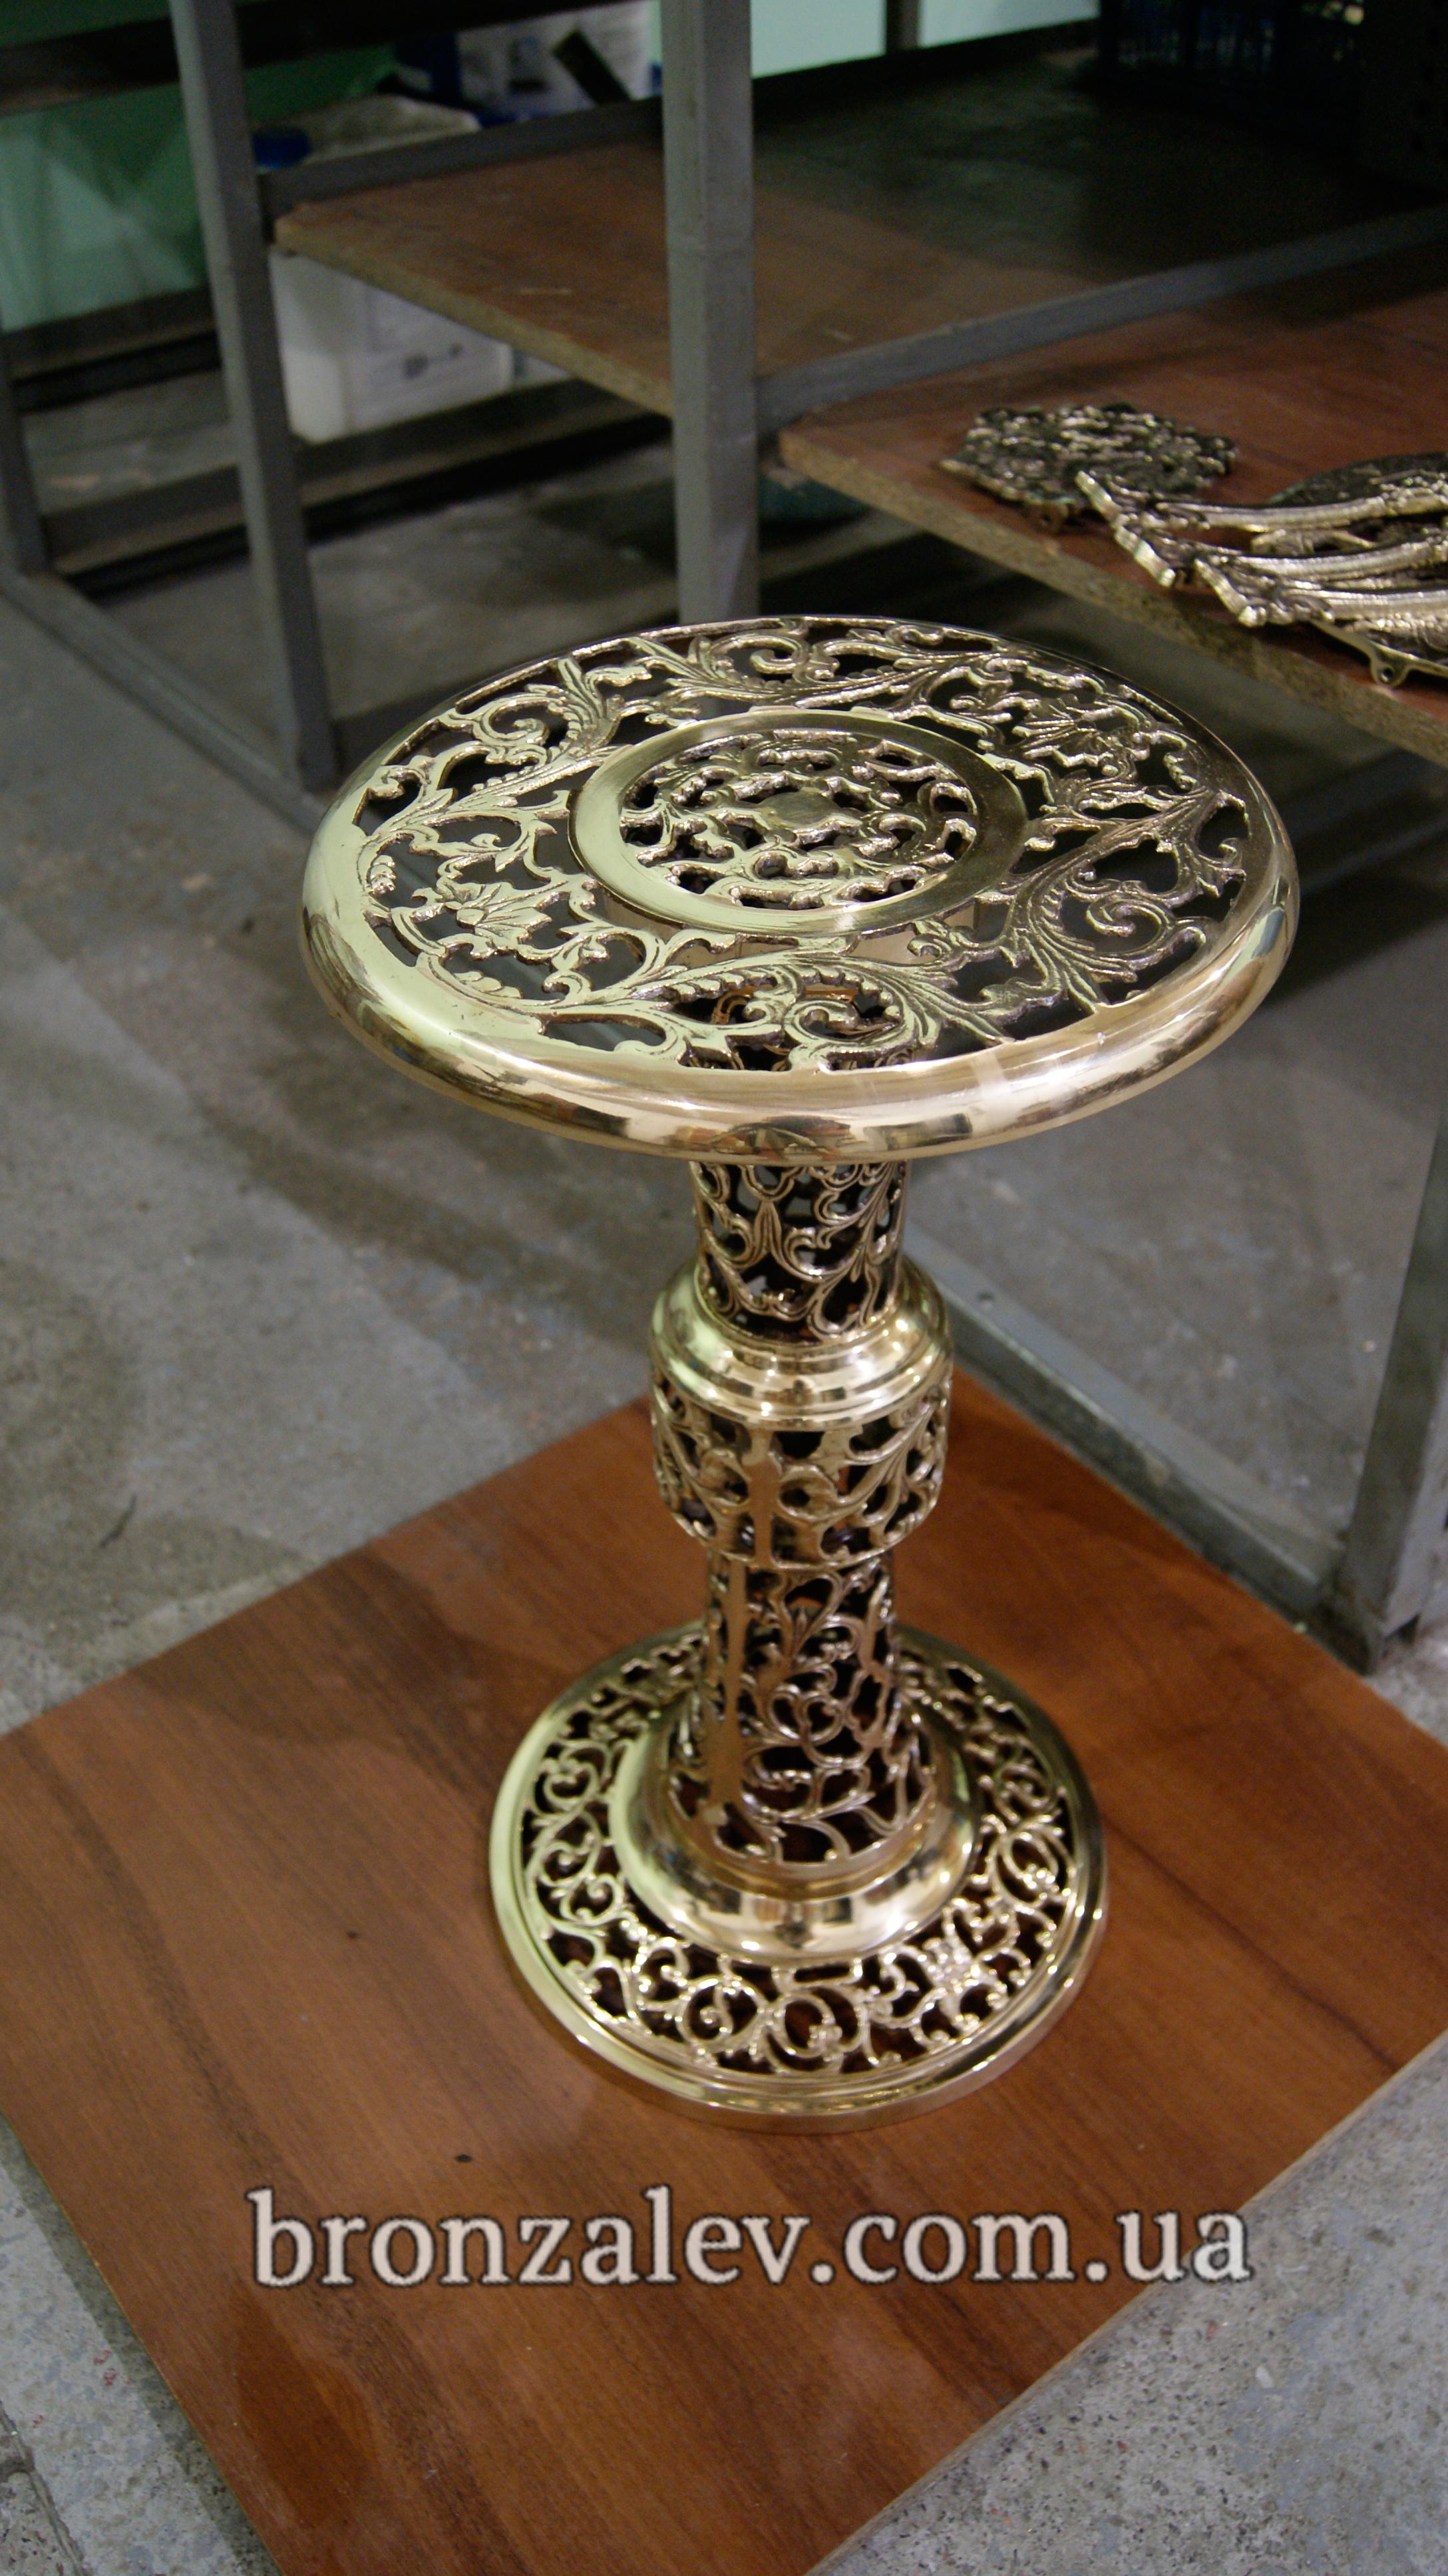 Реставрация бронзовых изделий